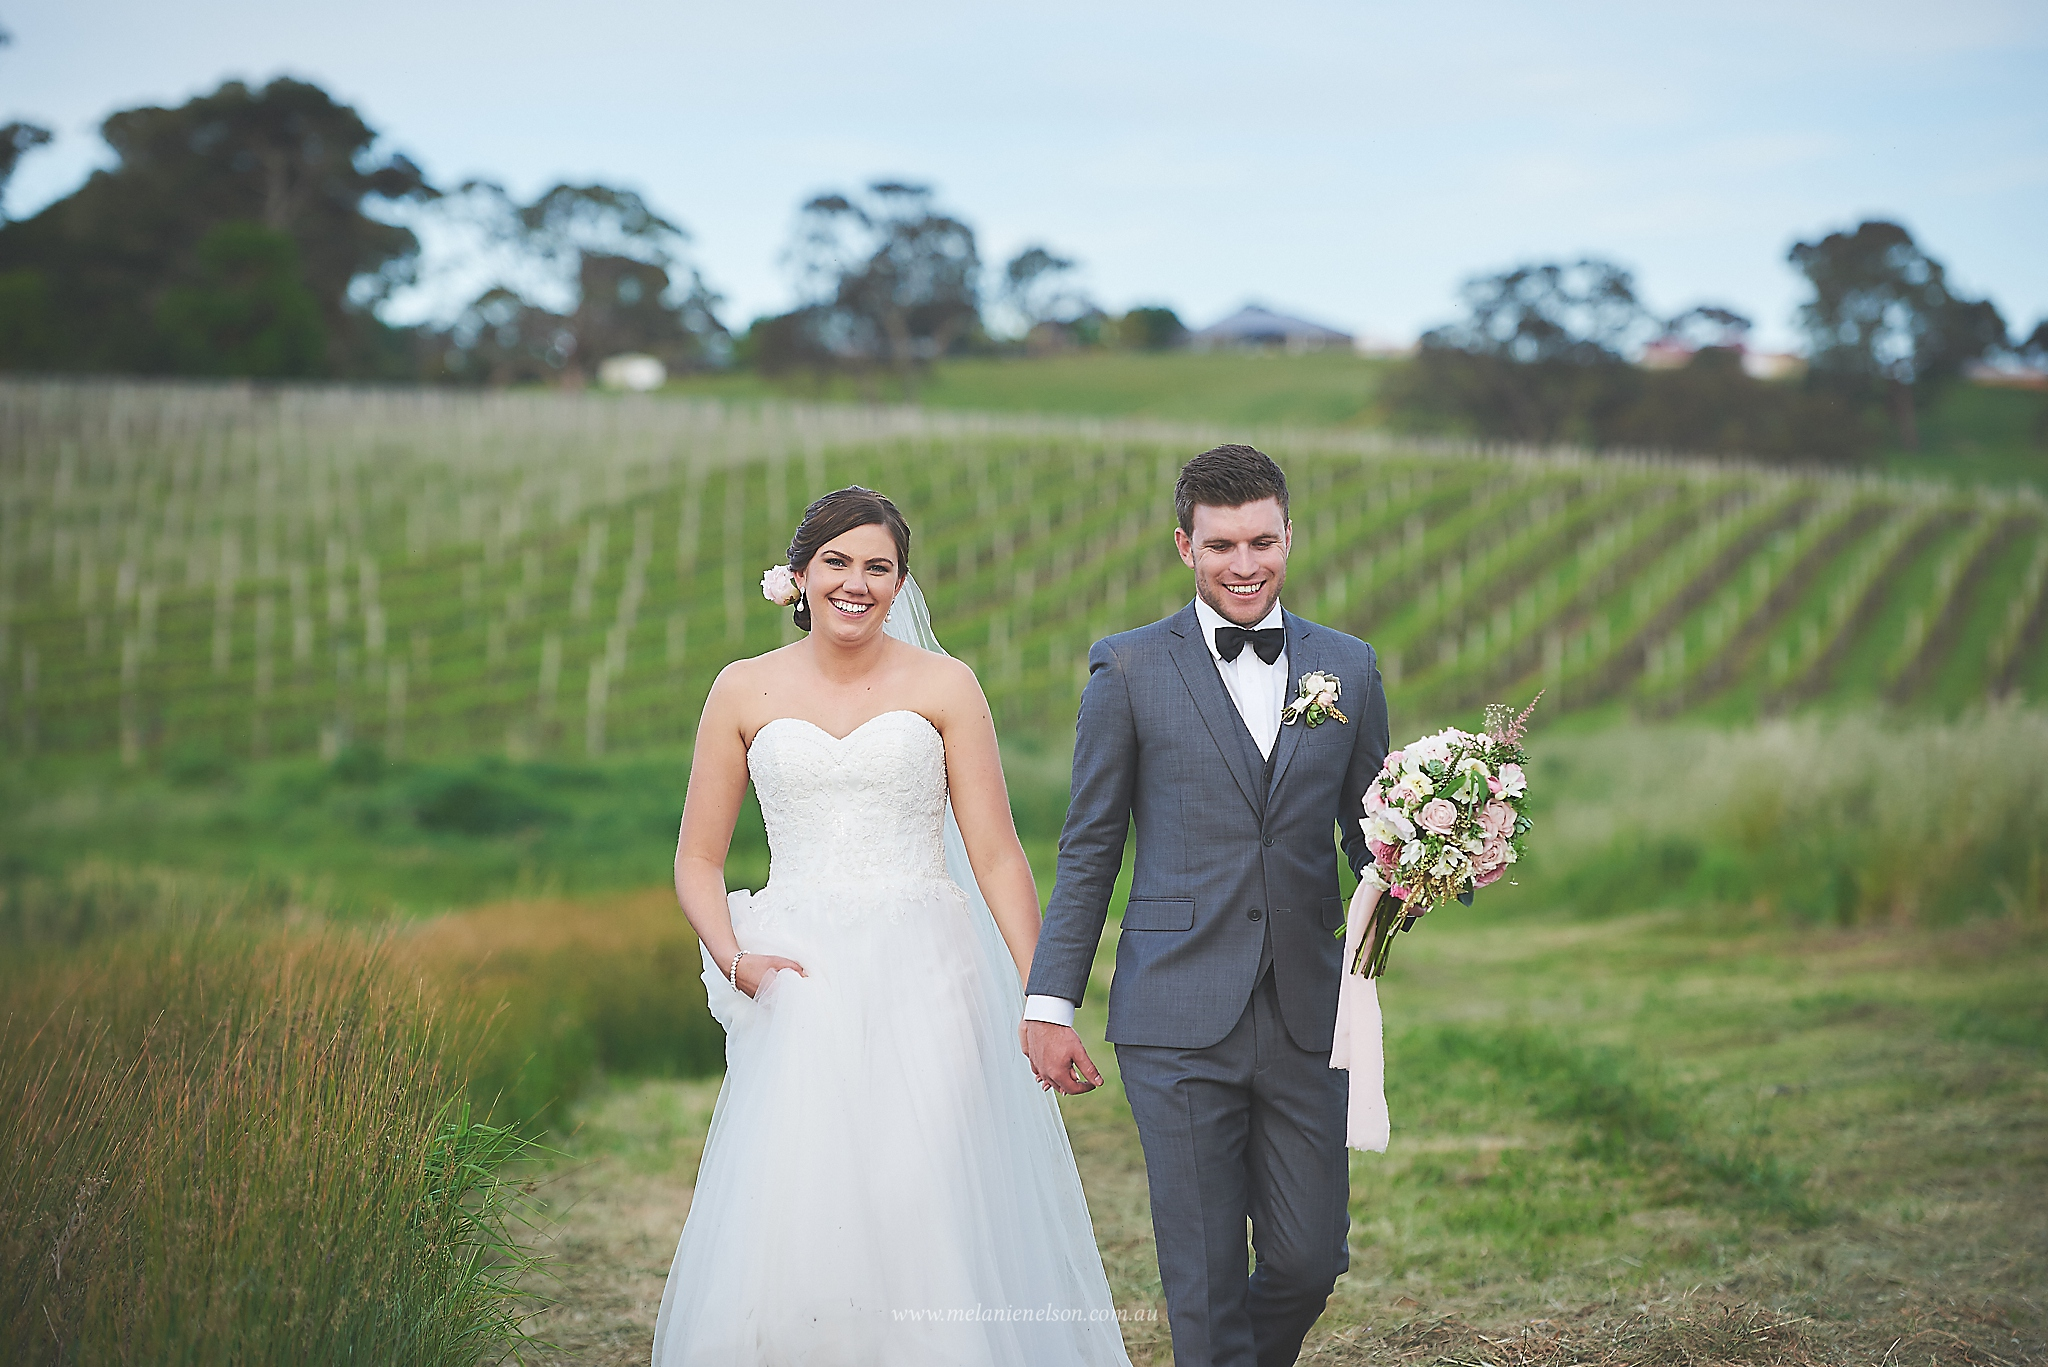 howards_vineyard_wedding_0024.jpg